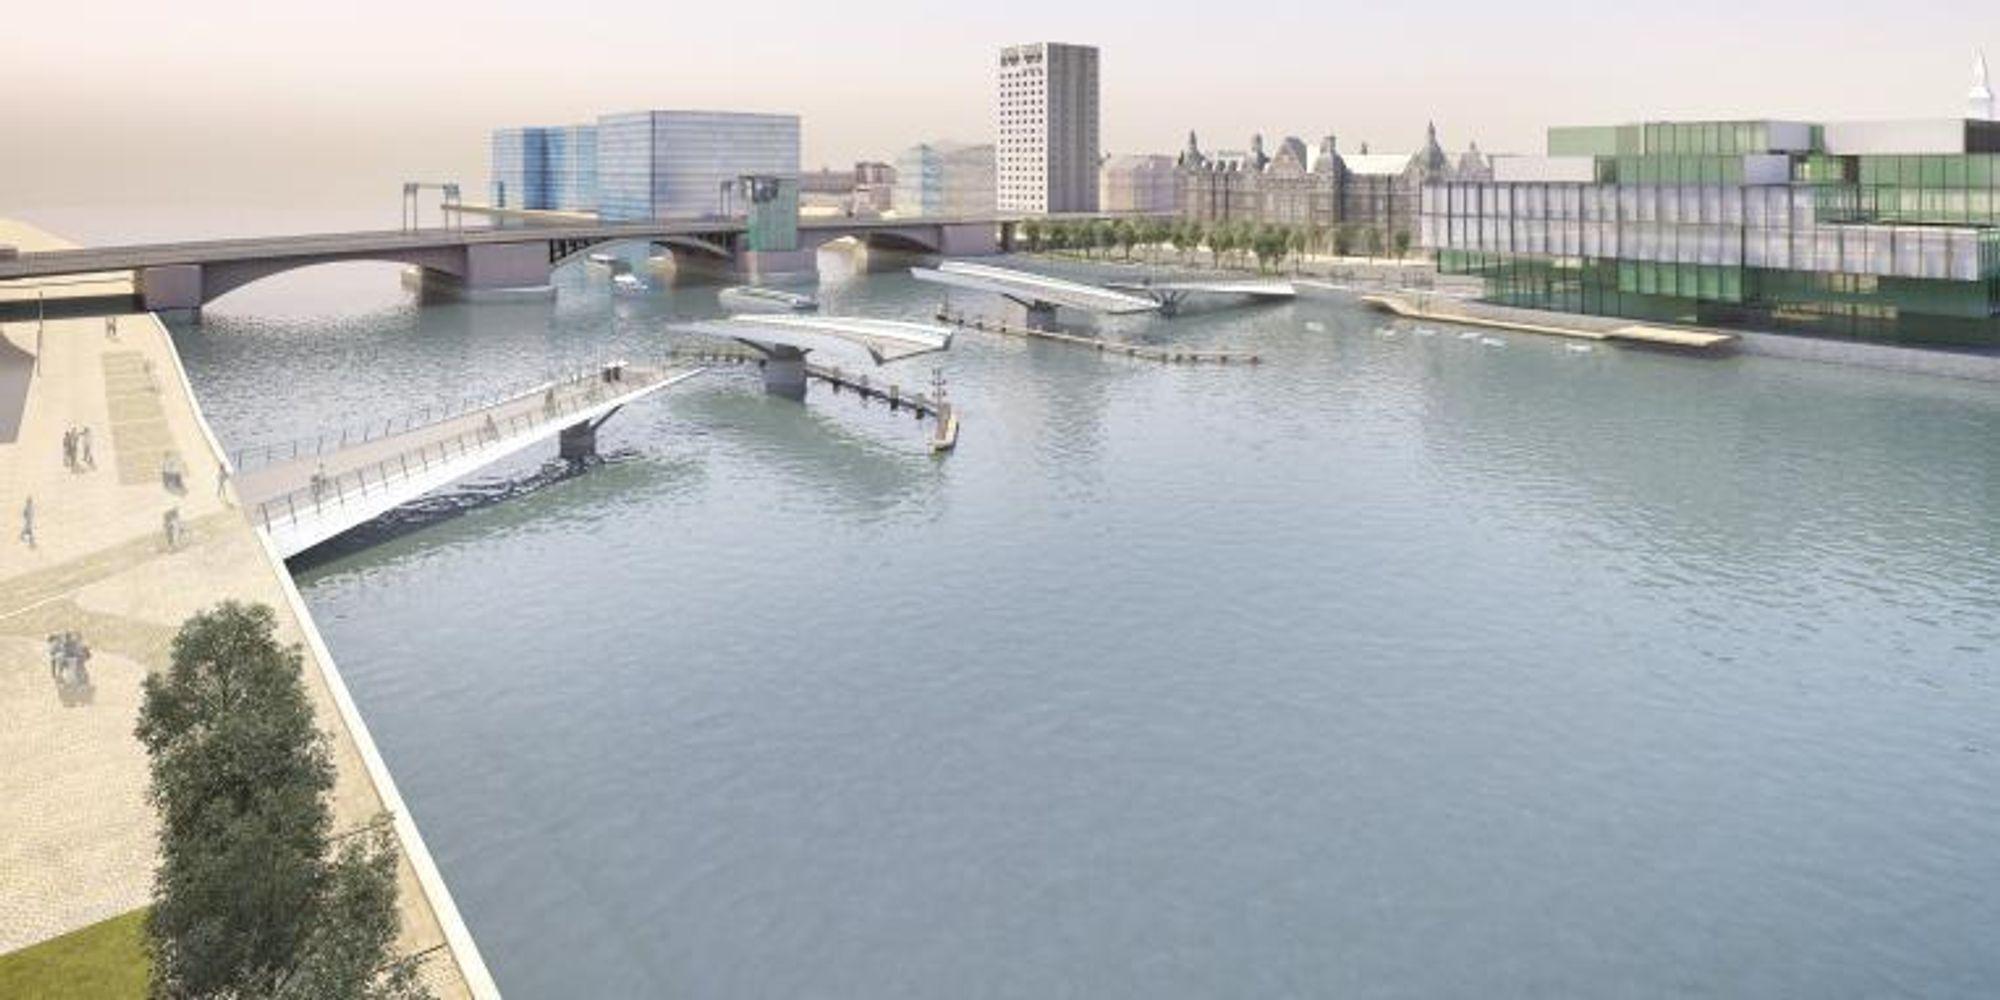 Den nye gang- og sykkelbroen skal gå fra Vester Voldgade til Langebrogad - på samme sted hvor det gikk en bro på 1700-tallet.